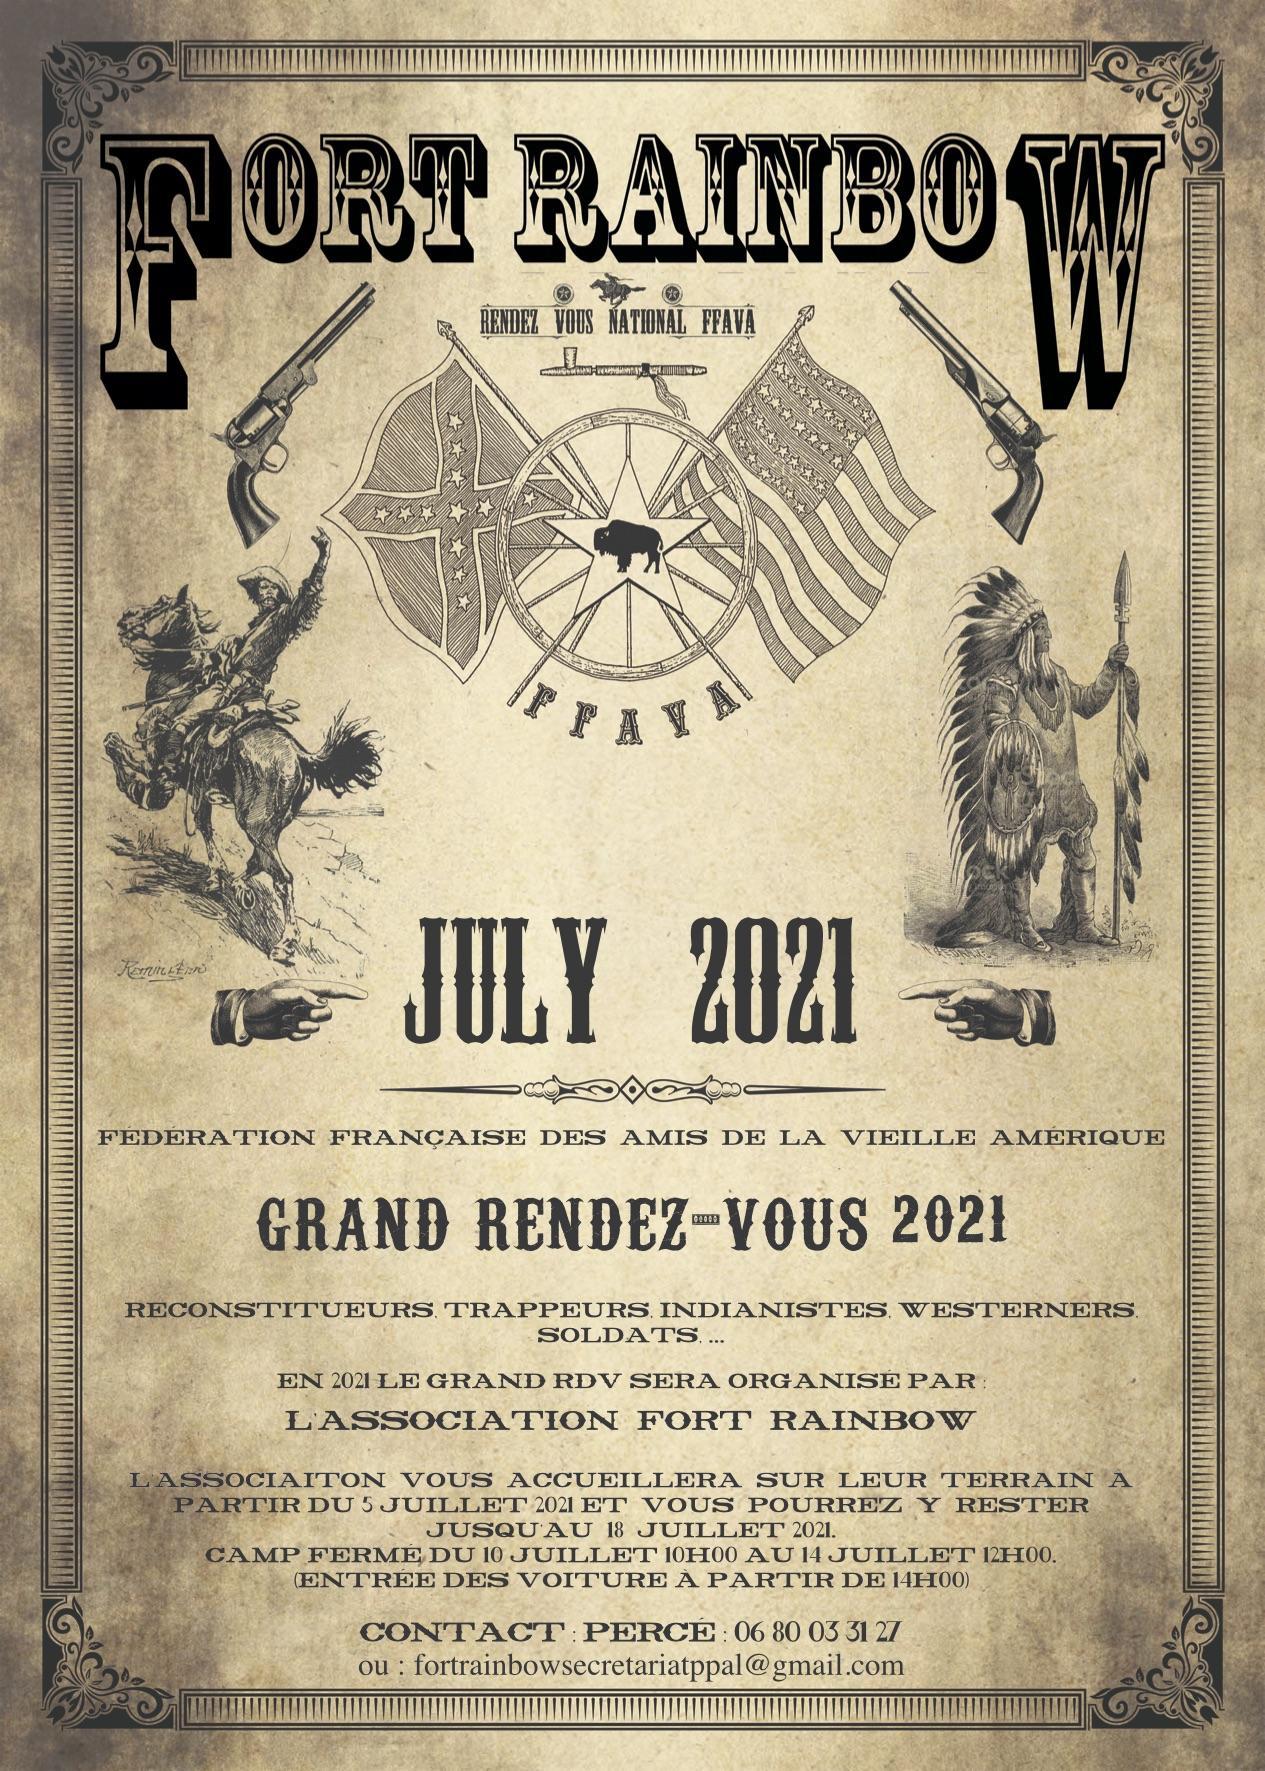 RDV ffava 2021